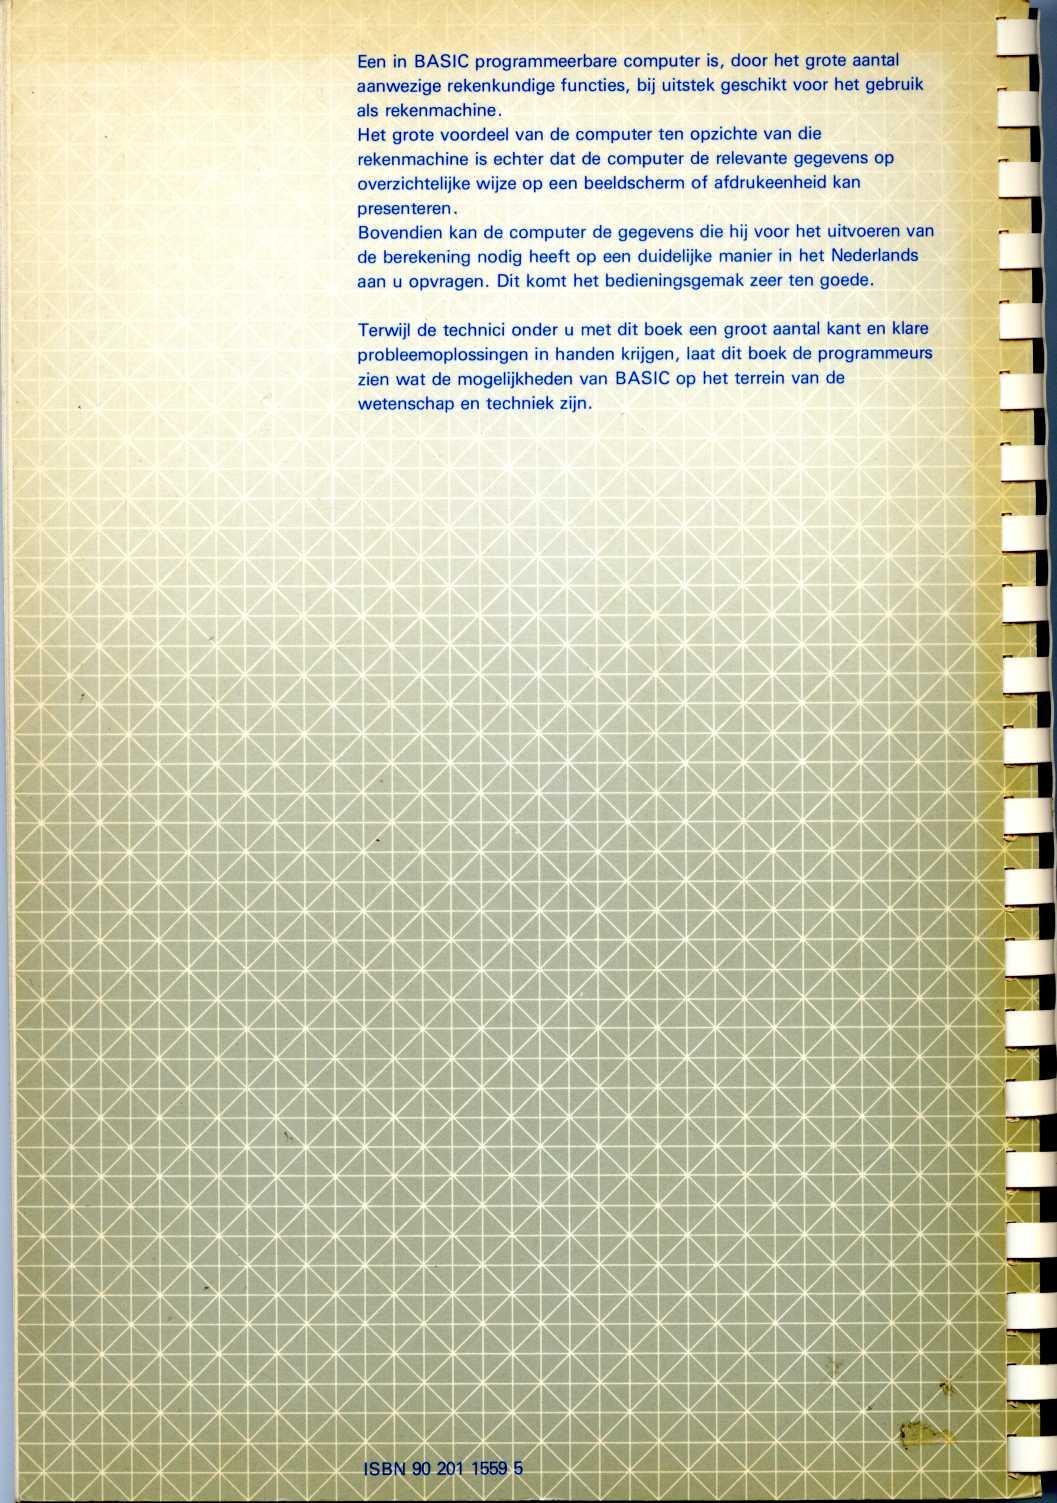 BASIC-Programma's voor Wetenschap en Techniek image, screenshot or loading screen